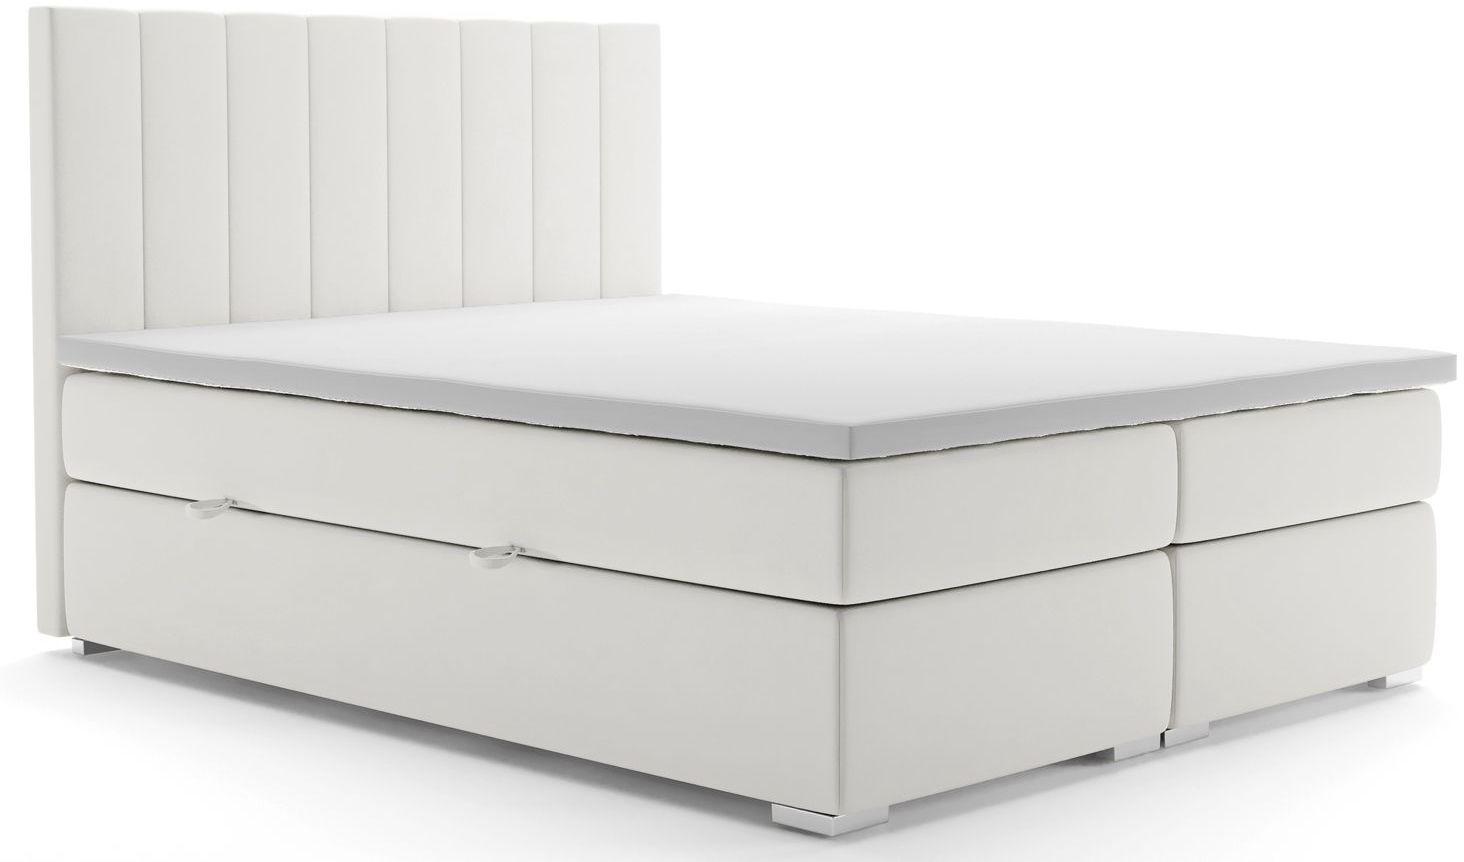 Podwójne łóżko boxspring Kongo 140x200 - 58 kolorów